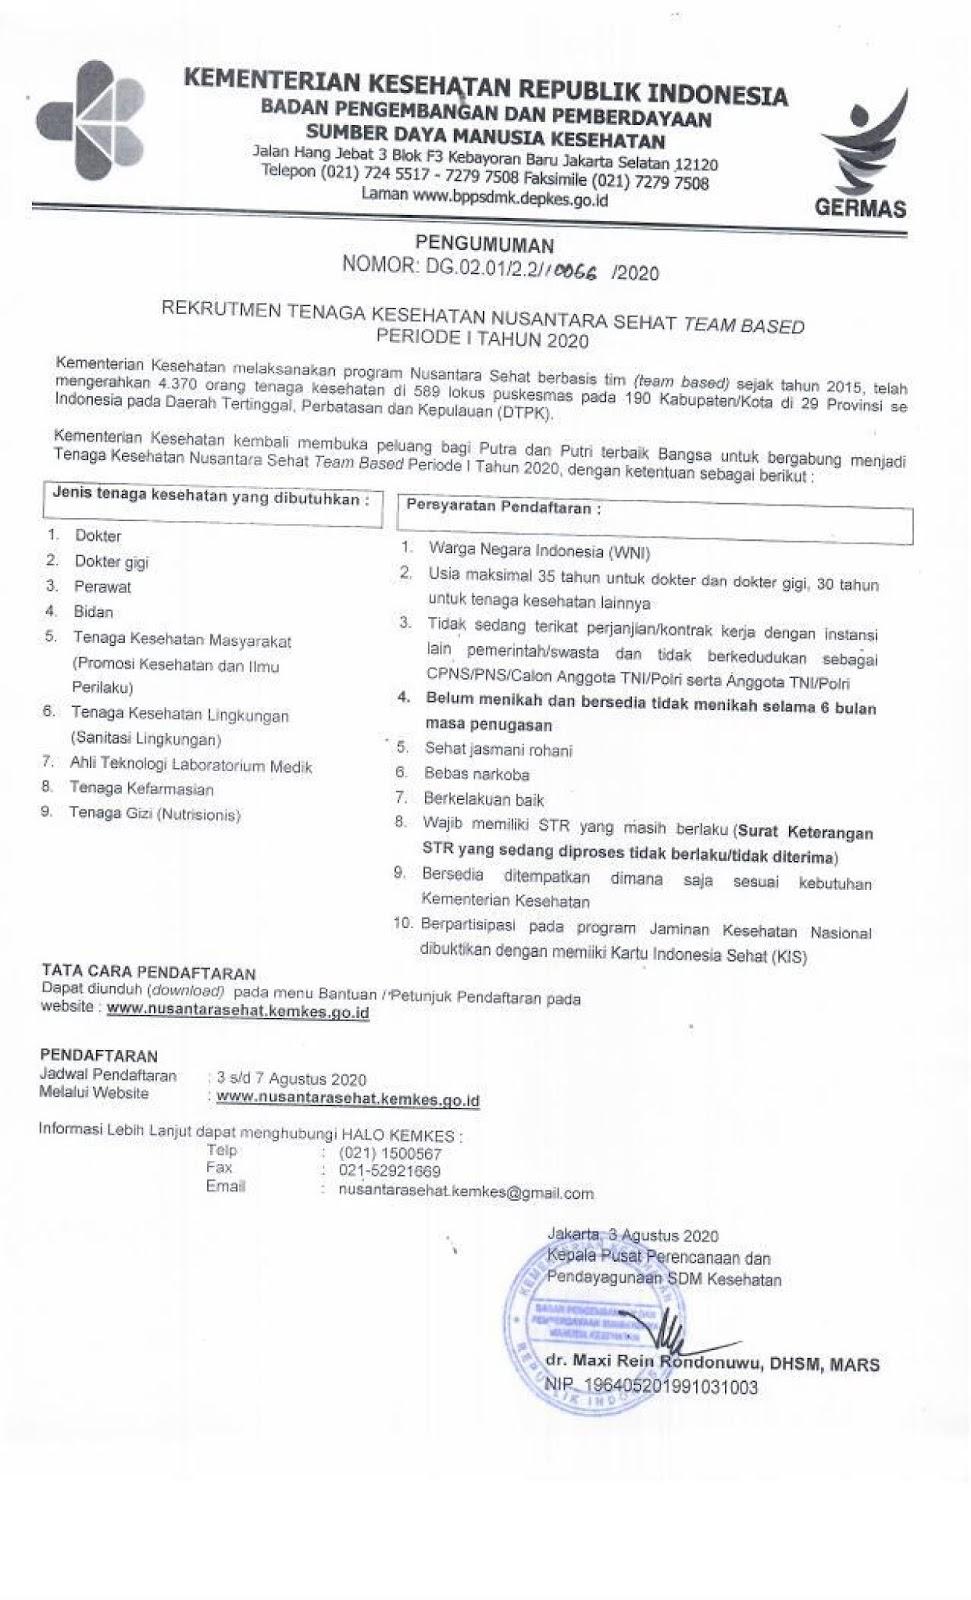 Pendaftaran Nusantara Sehat  Kementerian Kesehatan